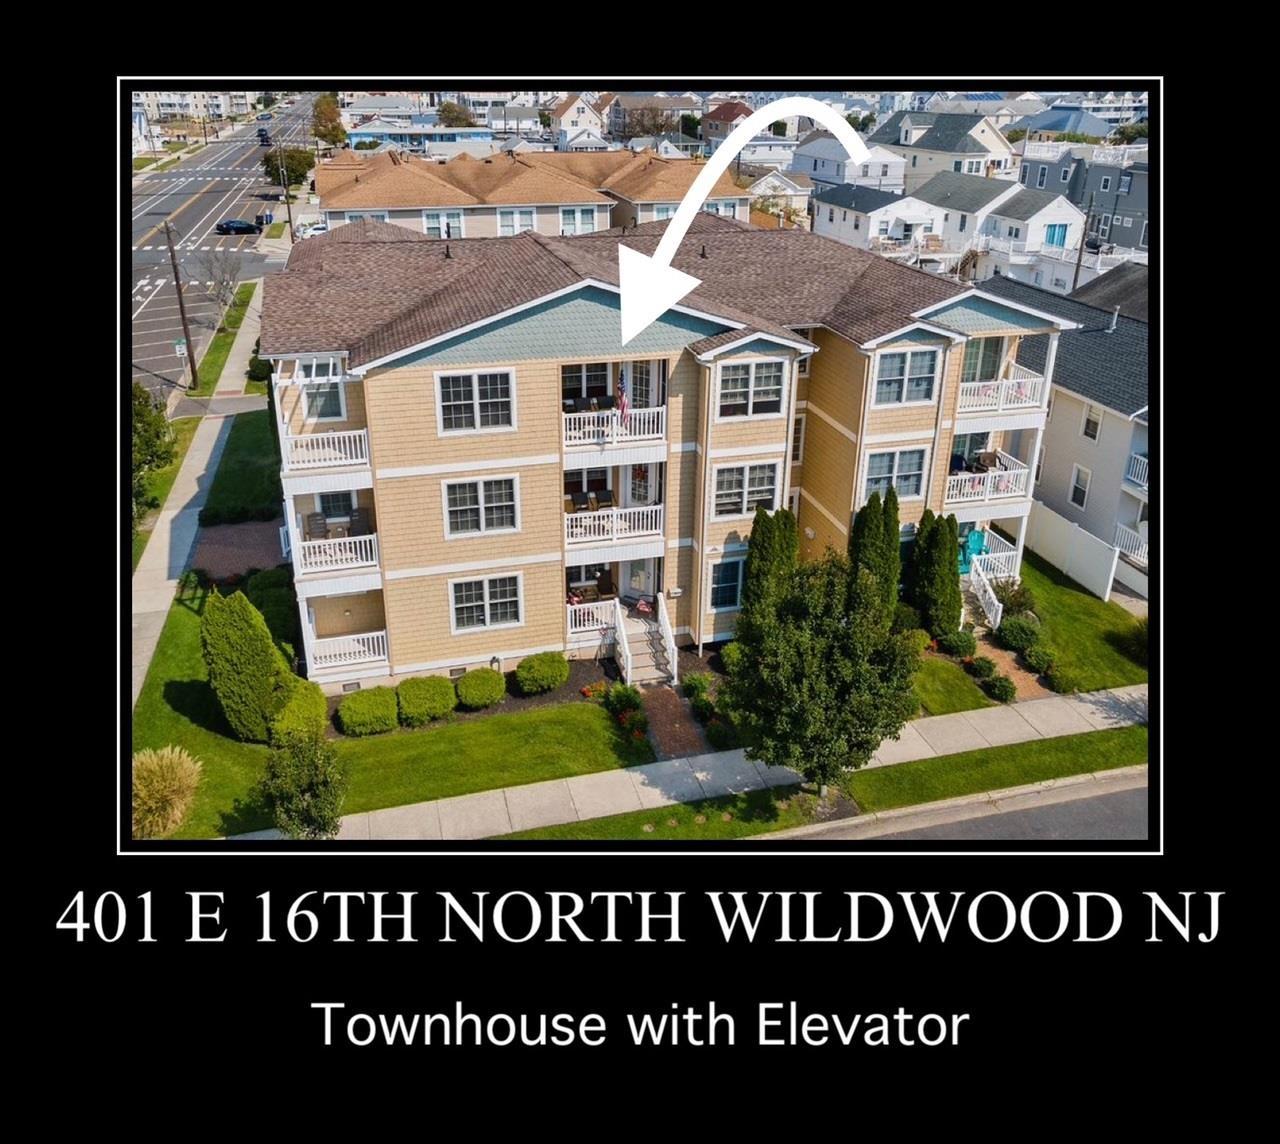 401 E 16th Avenue